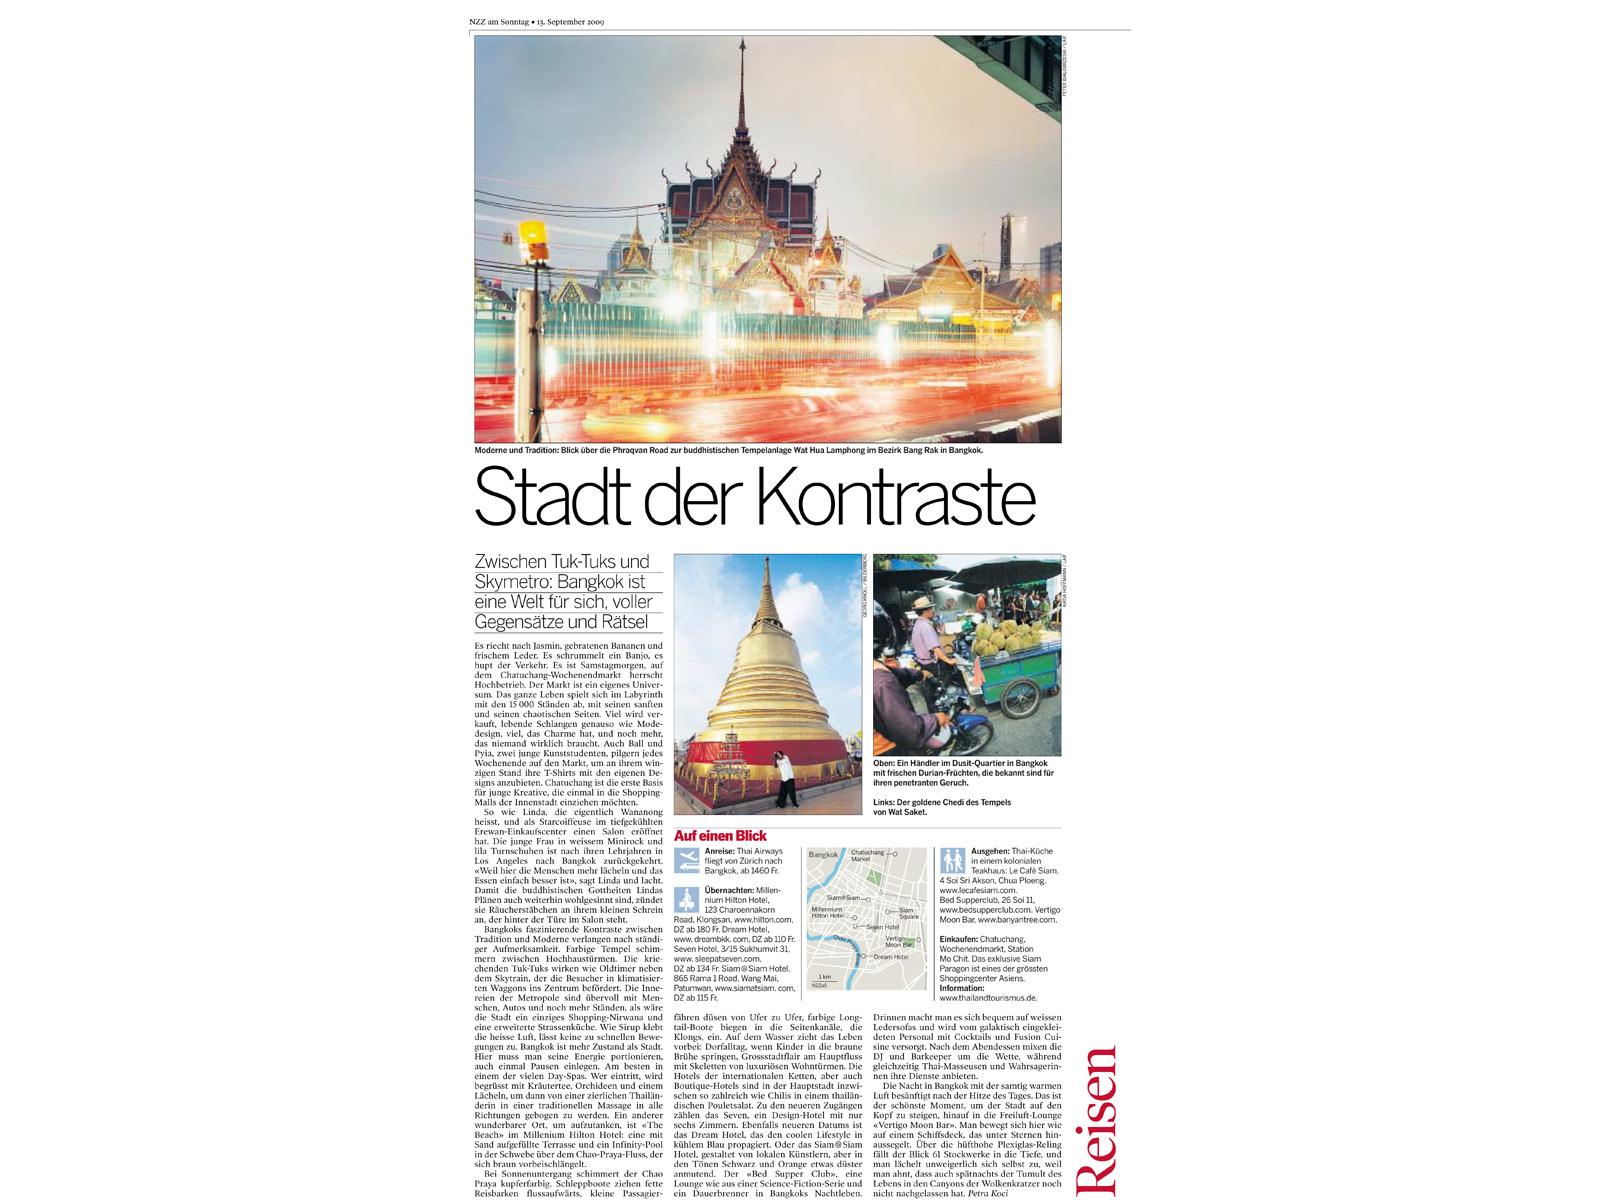 NZZaS_bangkok_Slide